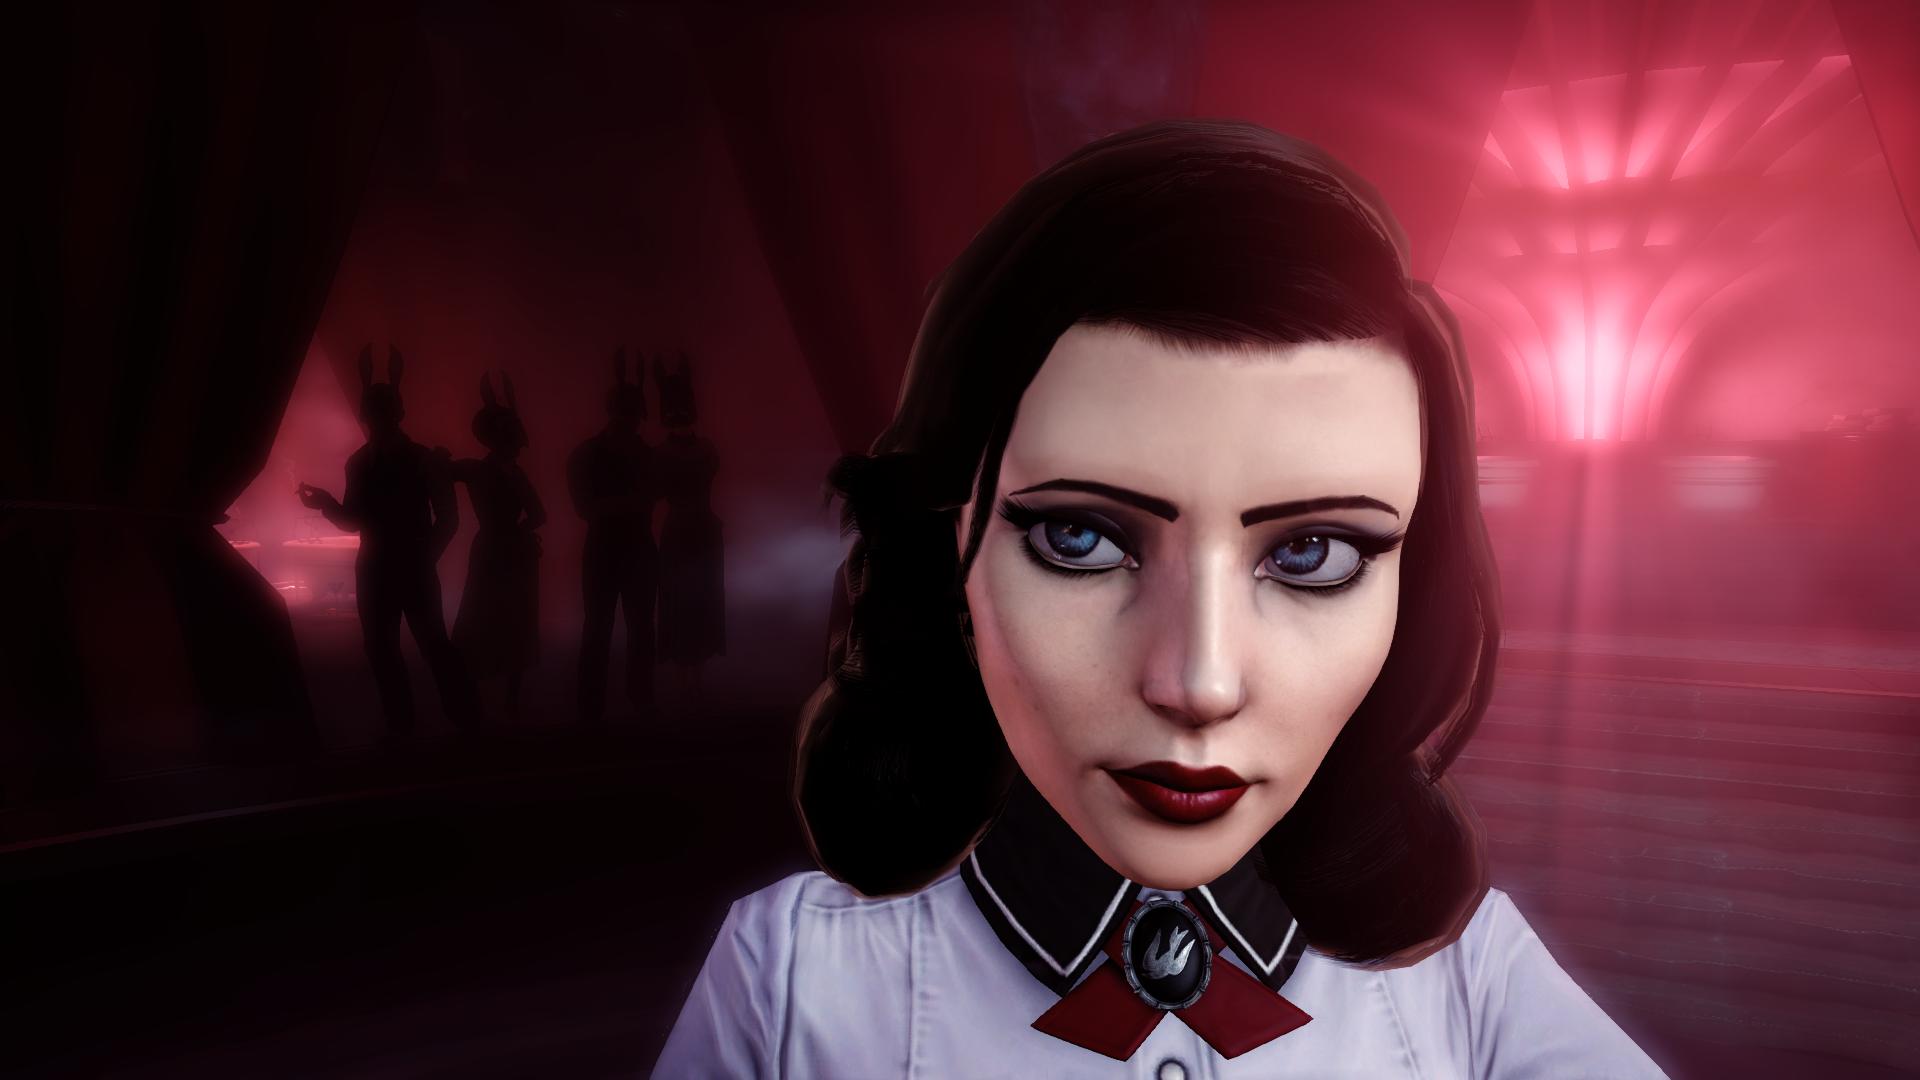 Video Game - BioShock Infinite: Burial at Sea  Bioshock Infinite Video Game Elizabeth (Bioshock Infinite) Wallpaper